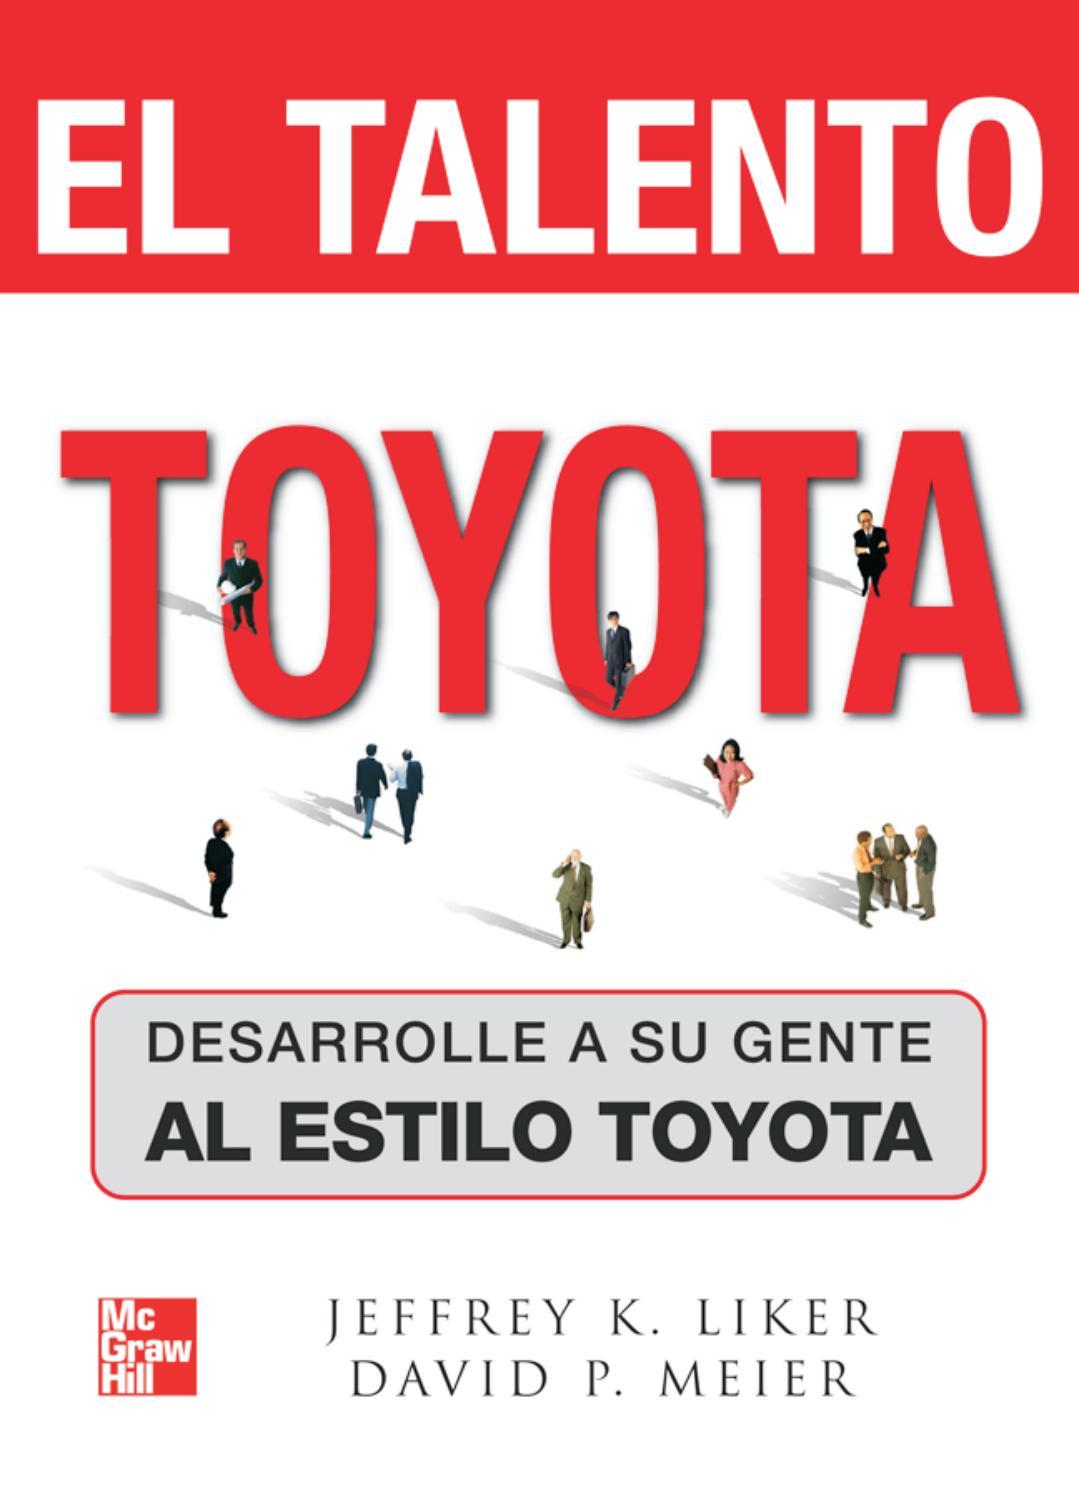 El talento toyota jeffrey k liker, david p meier by TT220FF - issuu